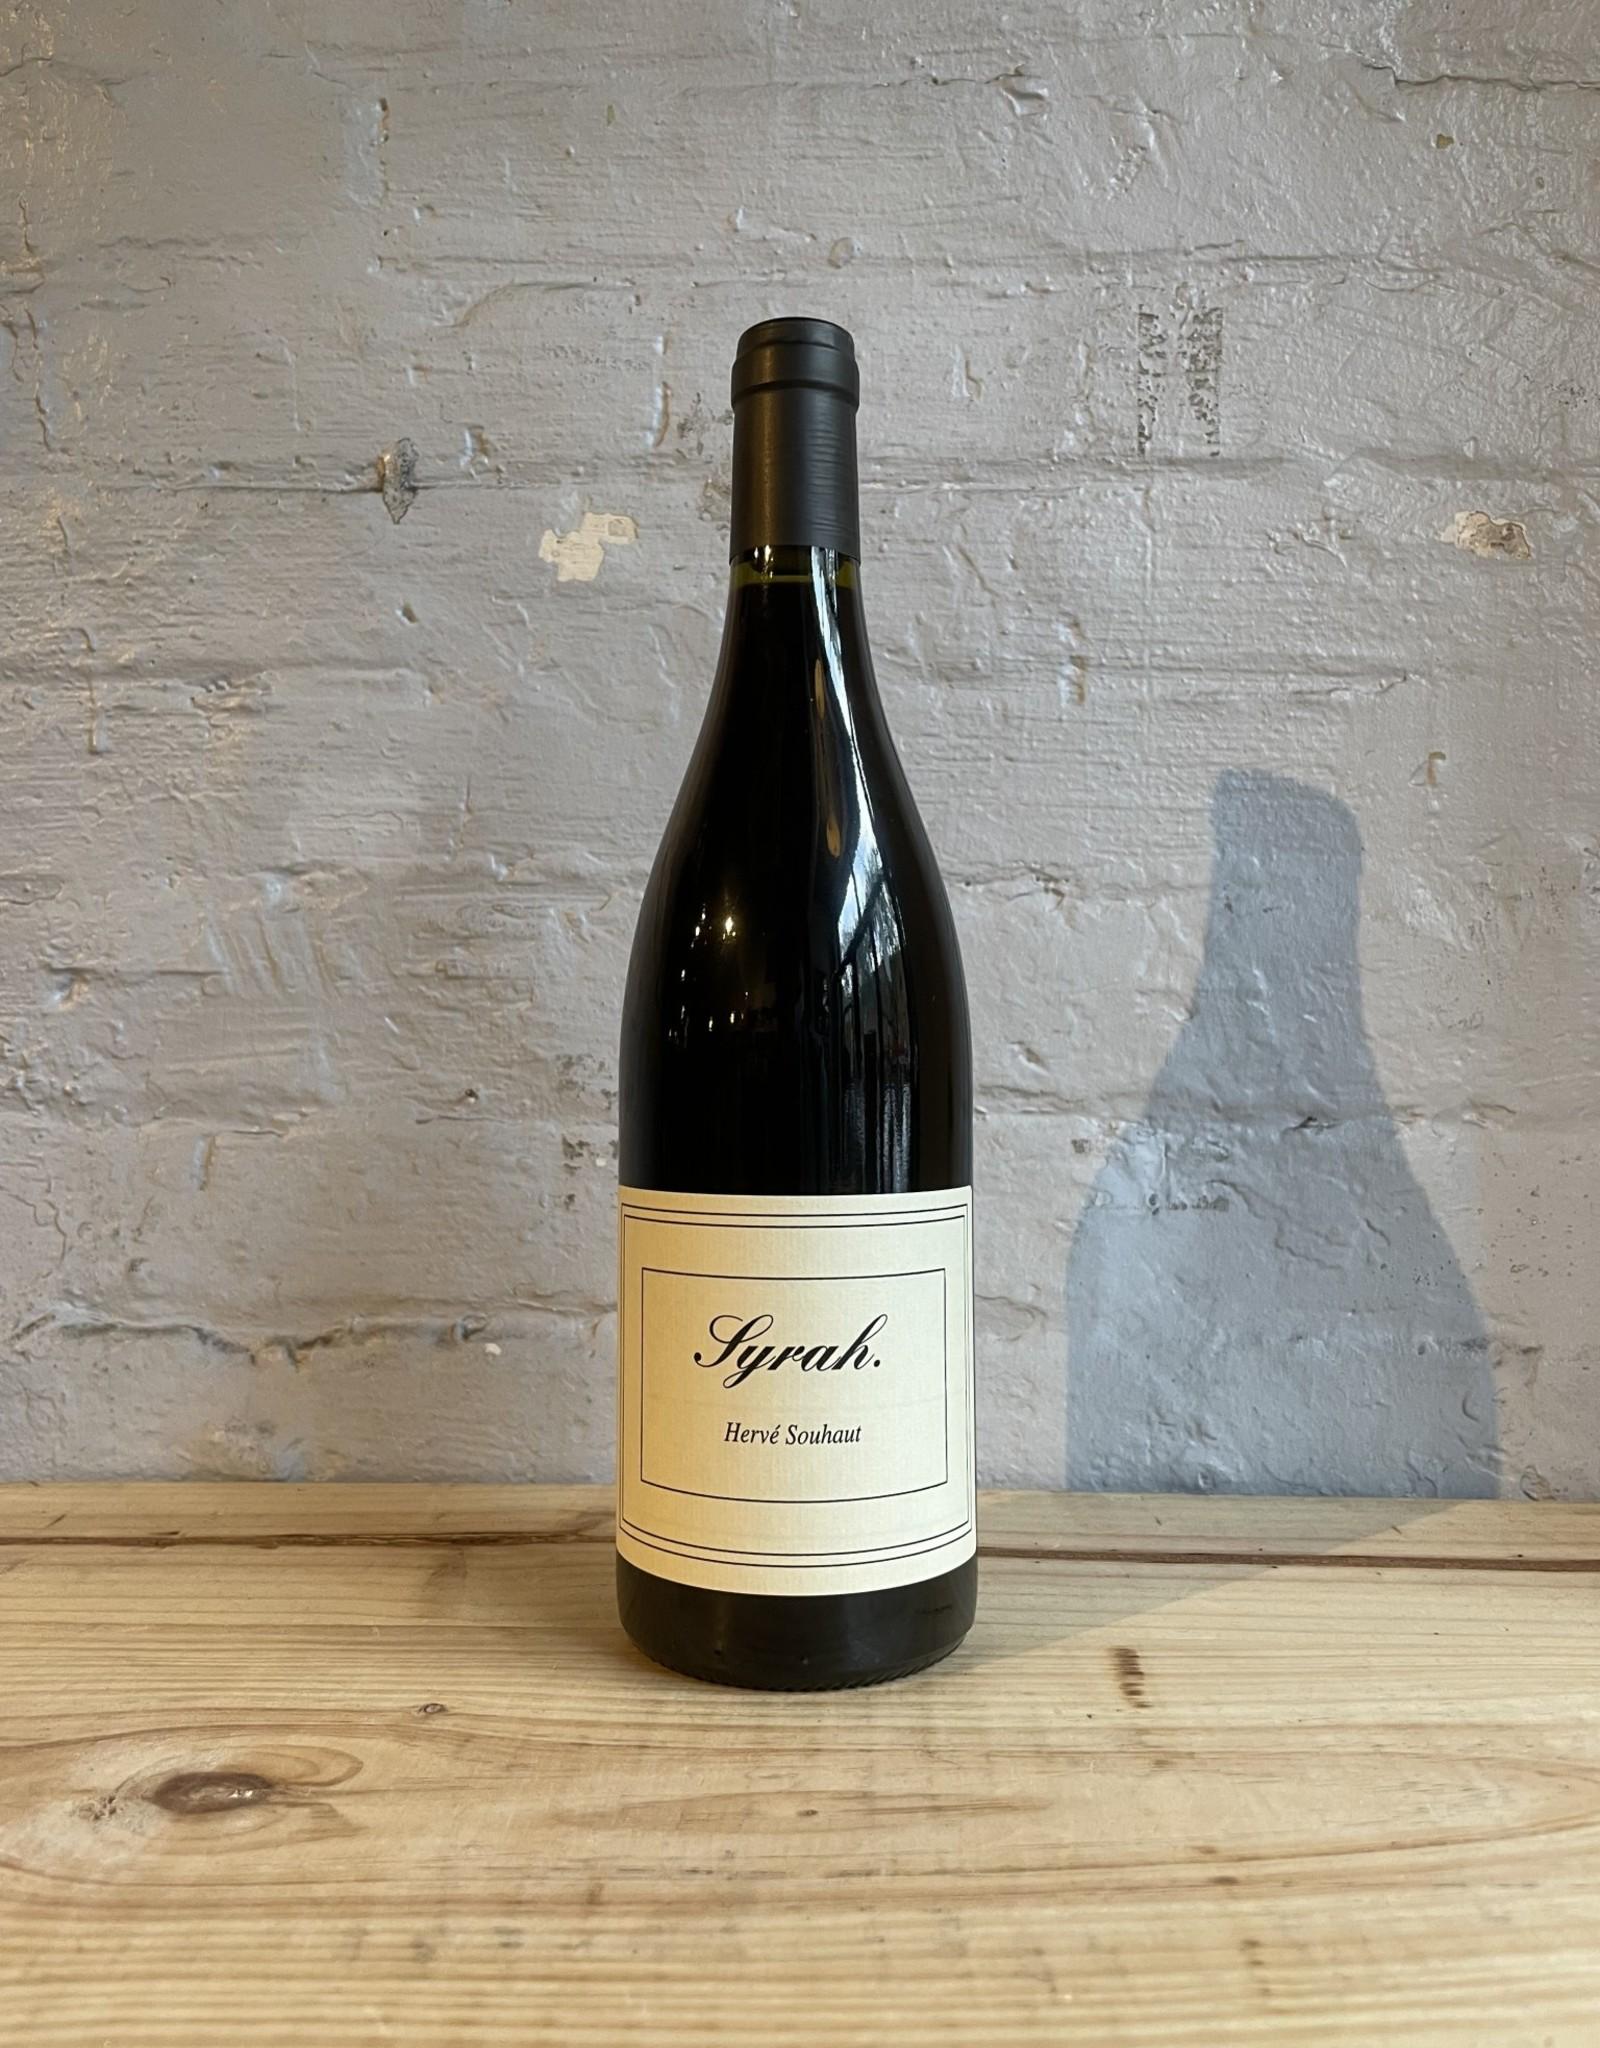 Wine 2019 Herve Souhaut Romaneaux-Destezet Syrah - Ardeche, France (750ml)